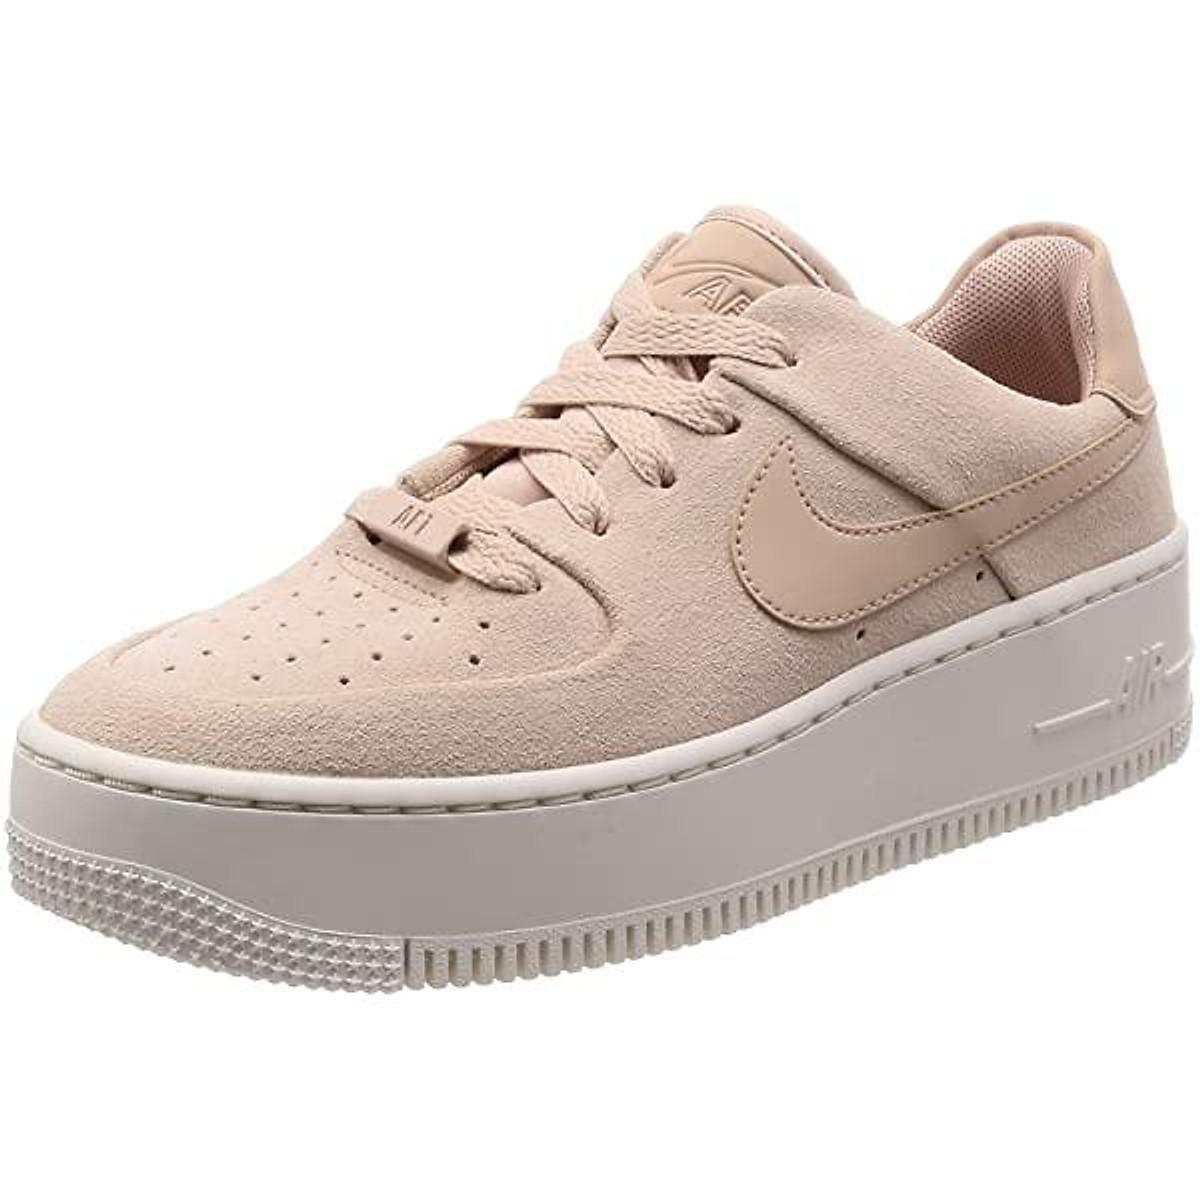 Đánh giá chi tiết Giày Nike nữ Air Force 1 Low